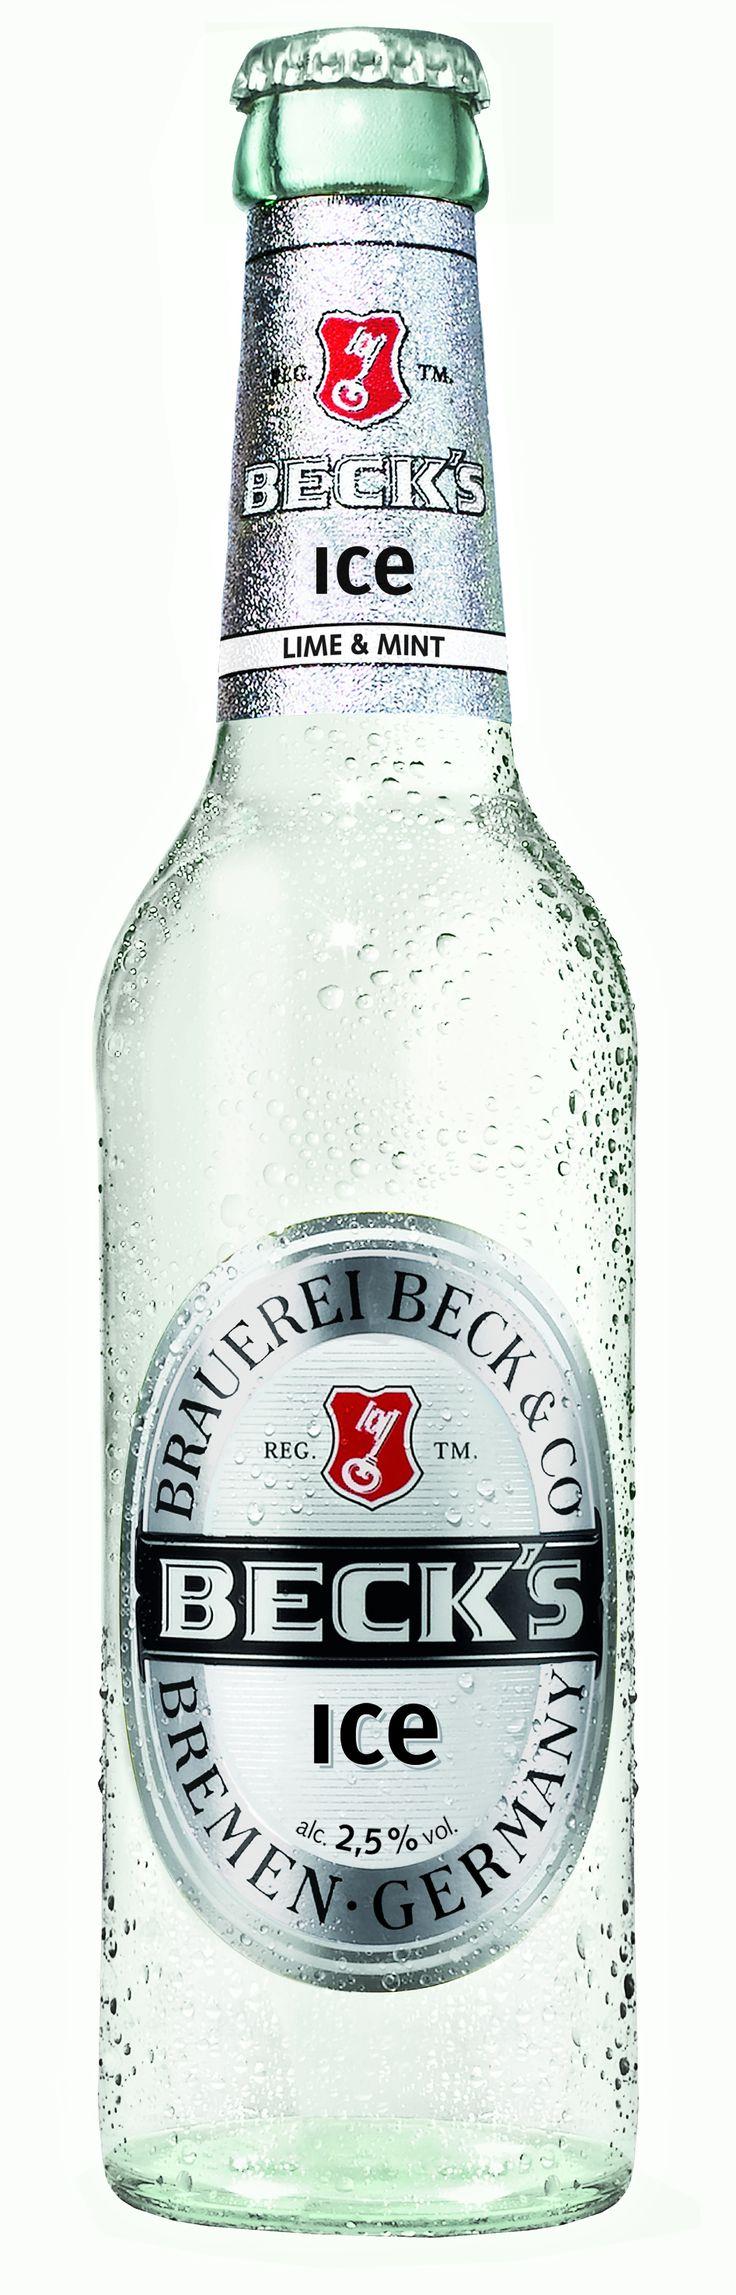 Découvrez la Bière Becks Ice 33cl avec son goût très rafraîchissant, fruité et acidulé de limette et de menthe dans un bouteille de 33cl au design inhabituel. Beck's Ice, la bière des étés torrides.